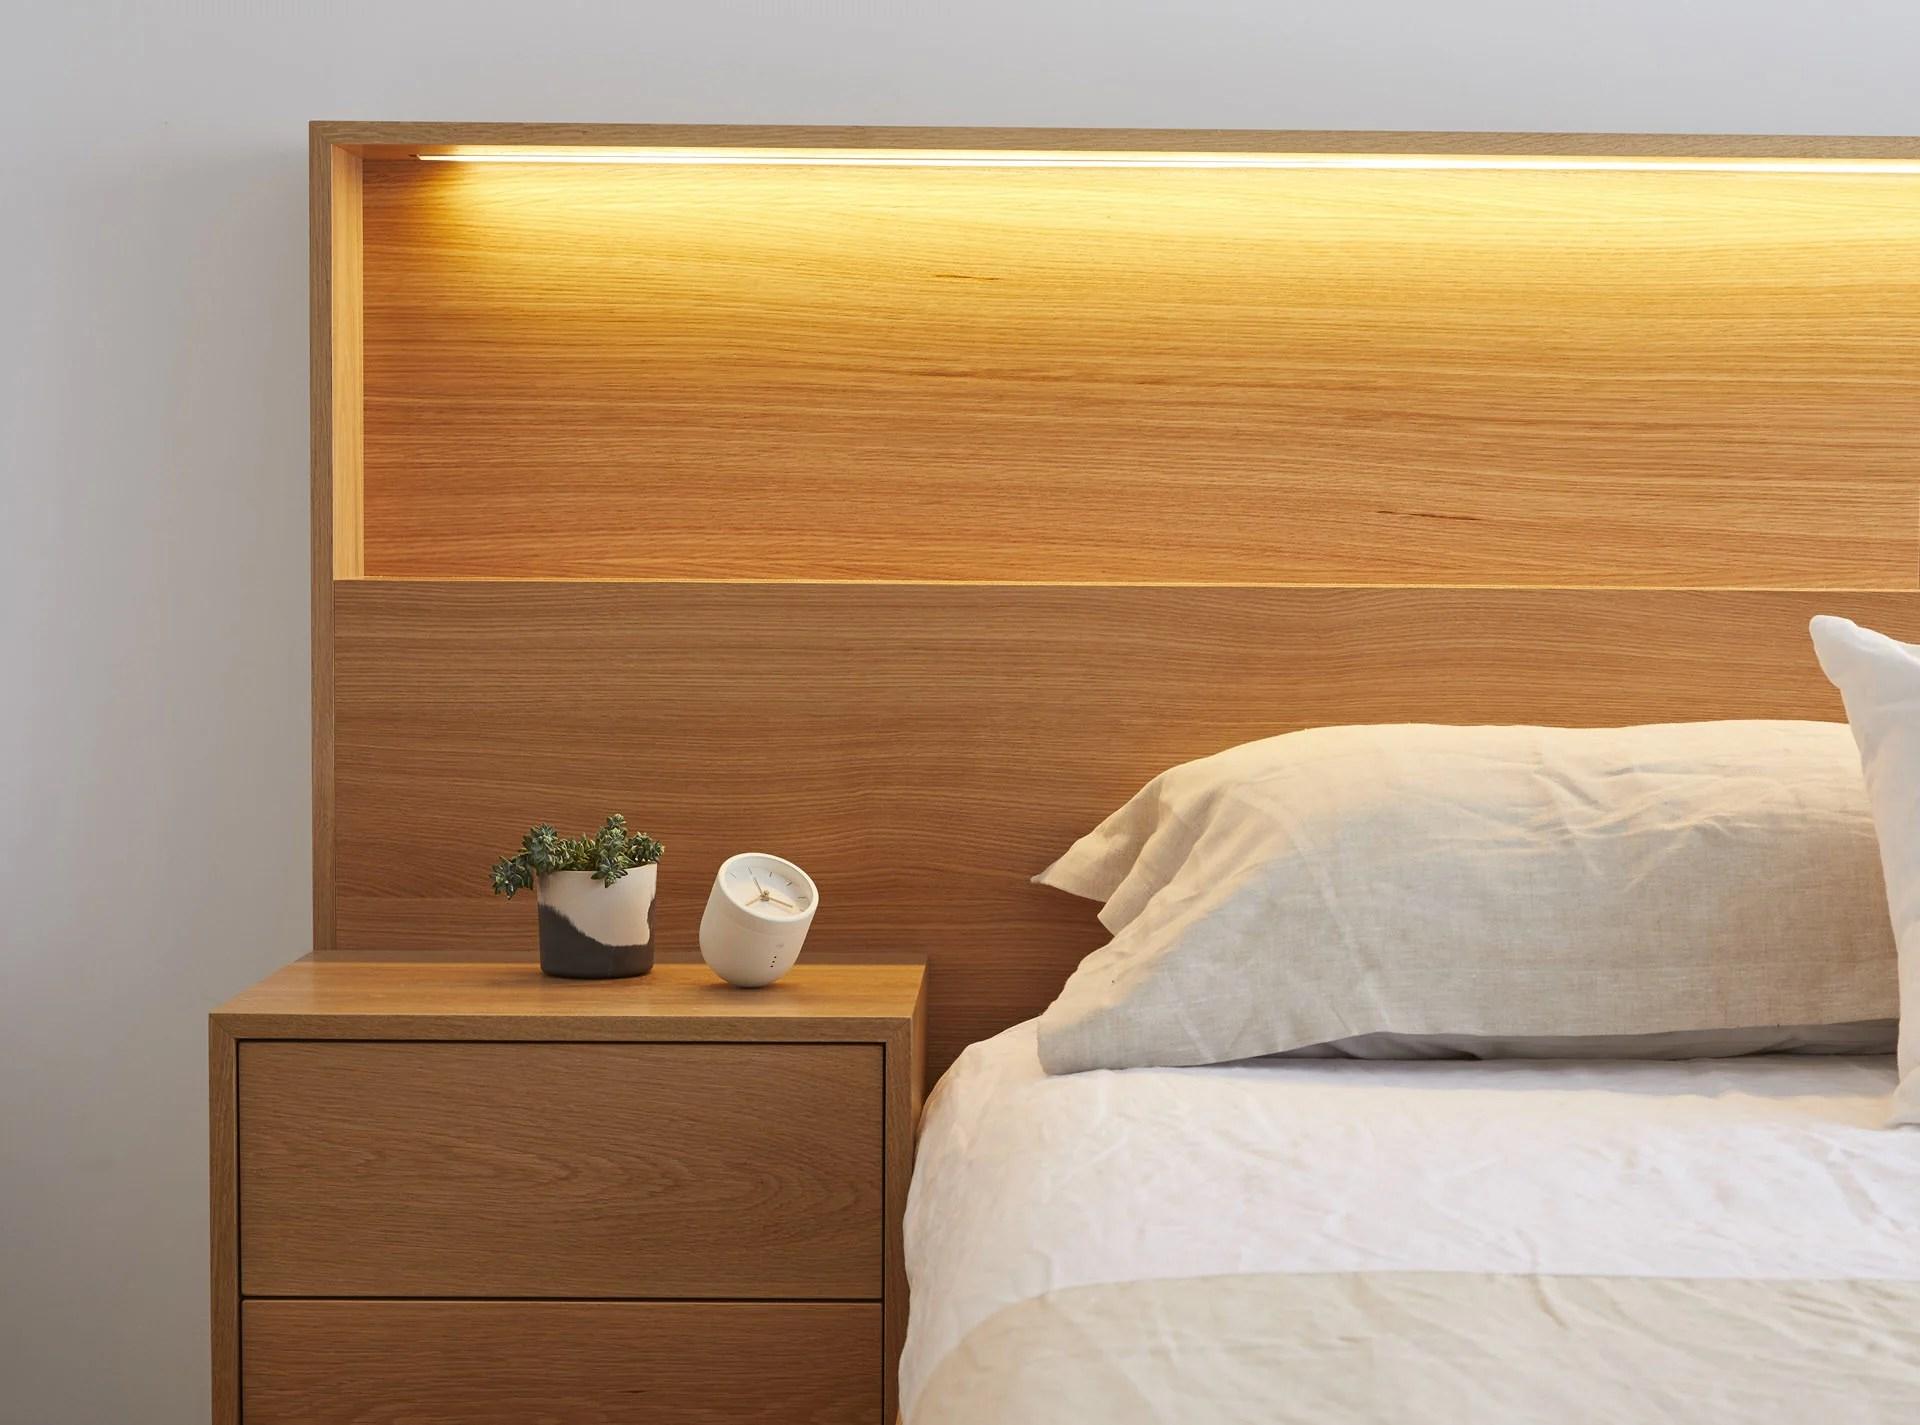 Fenton Bed  Tim Webber Design